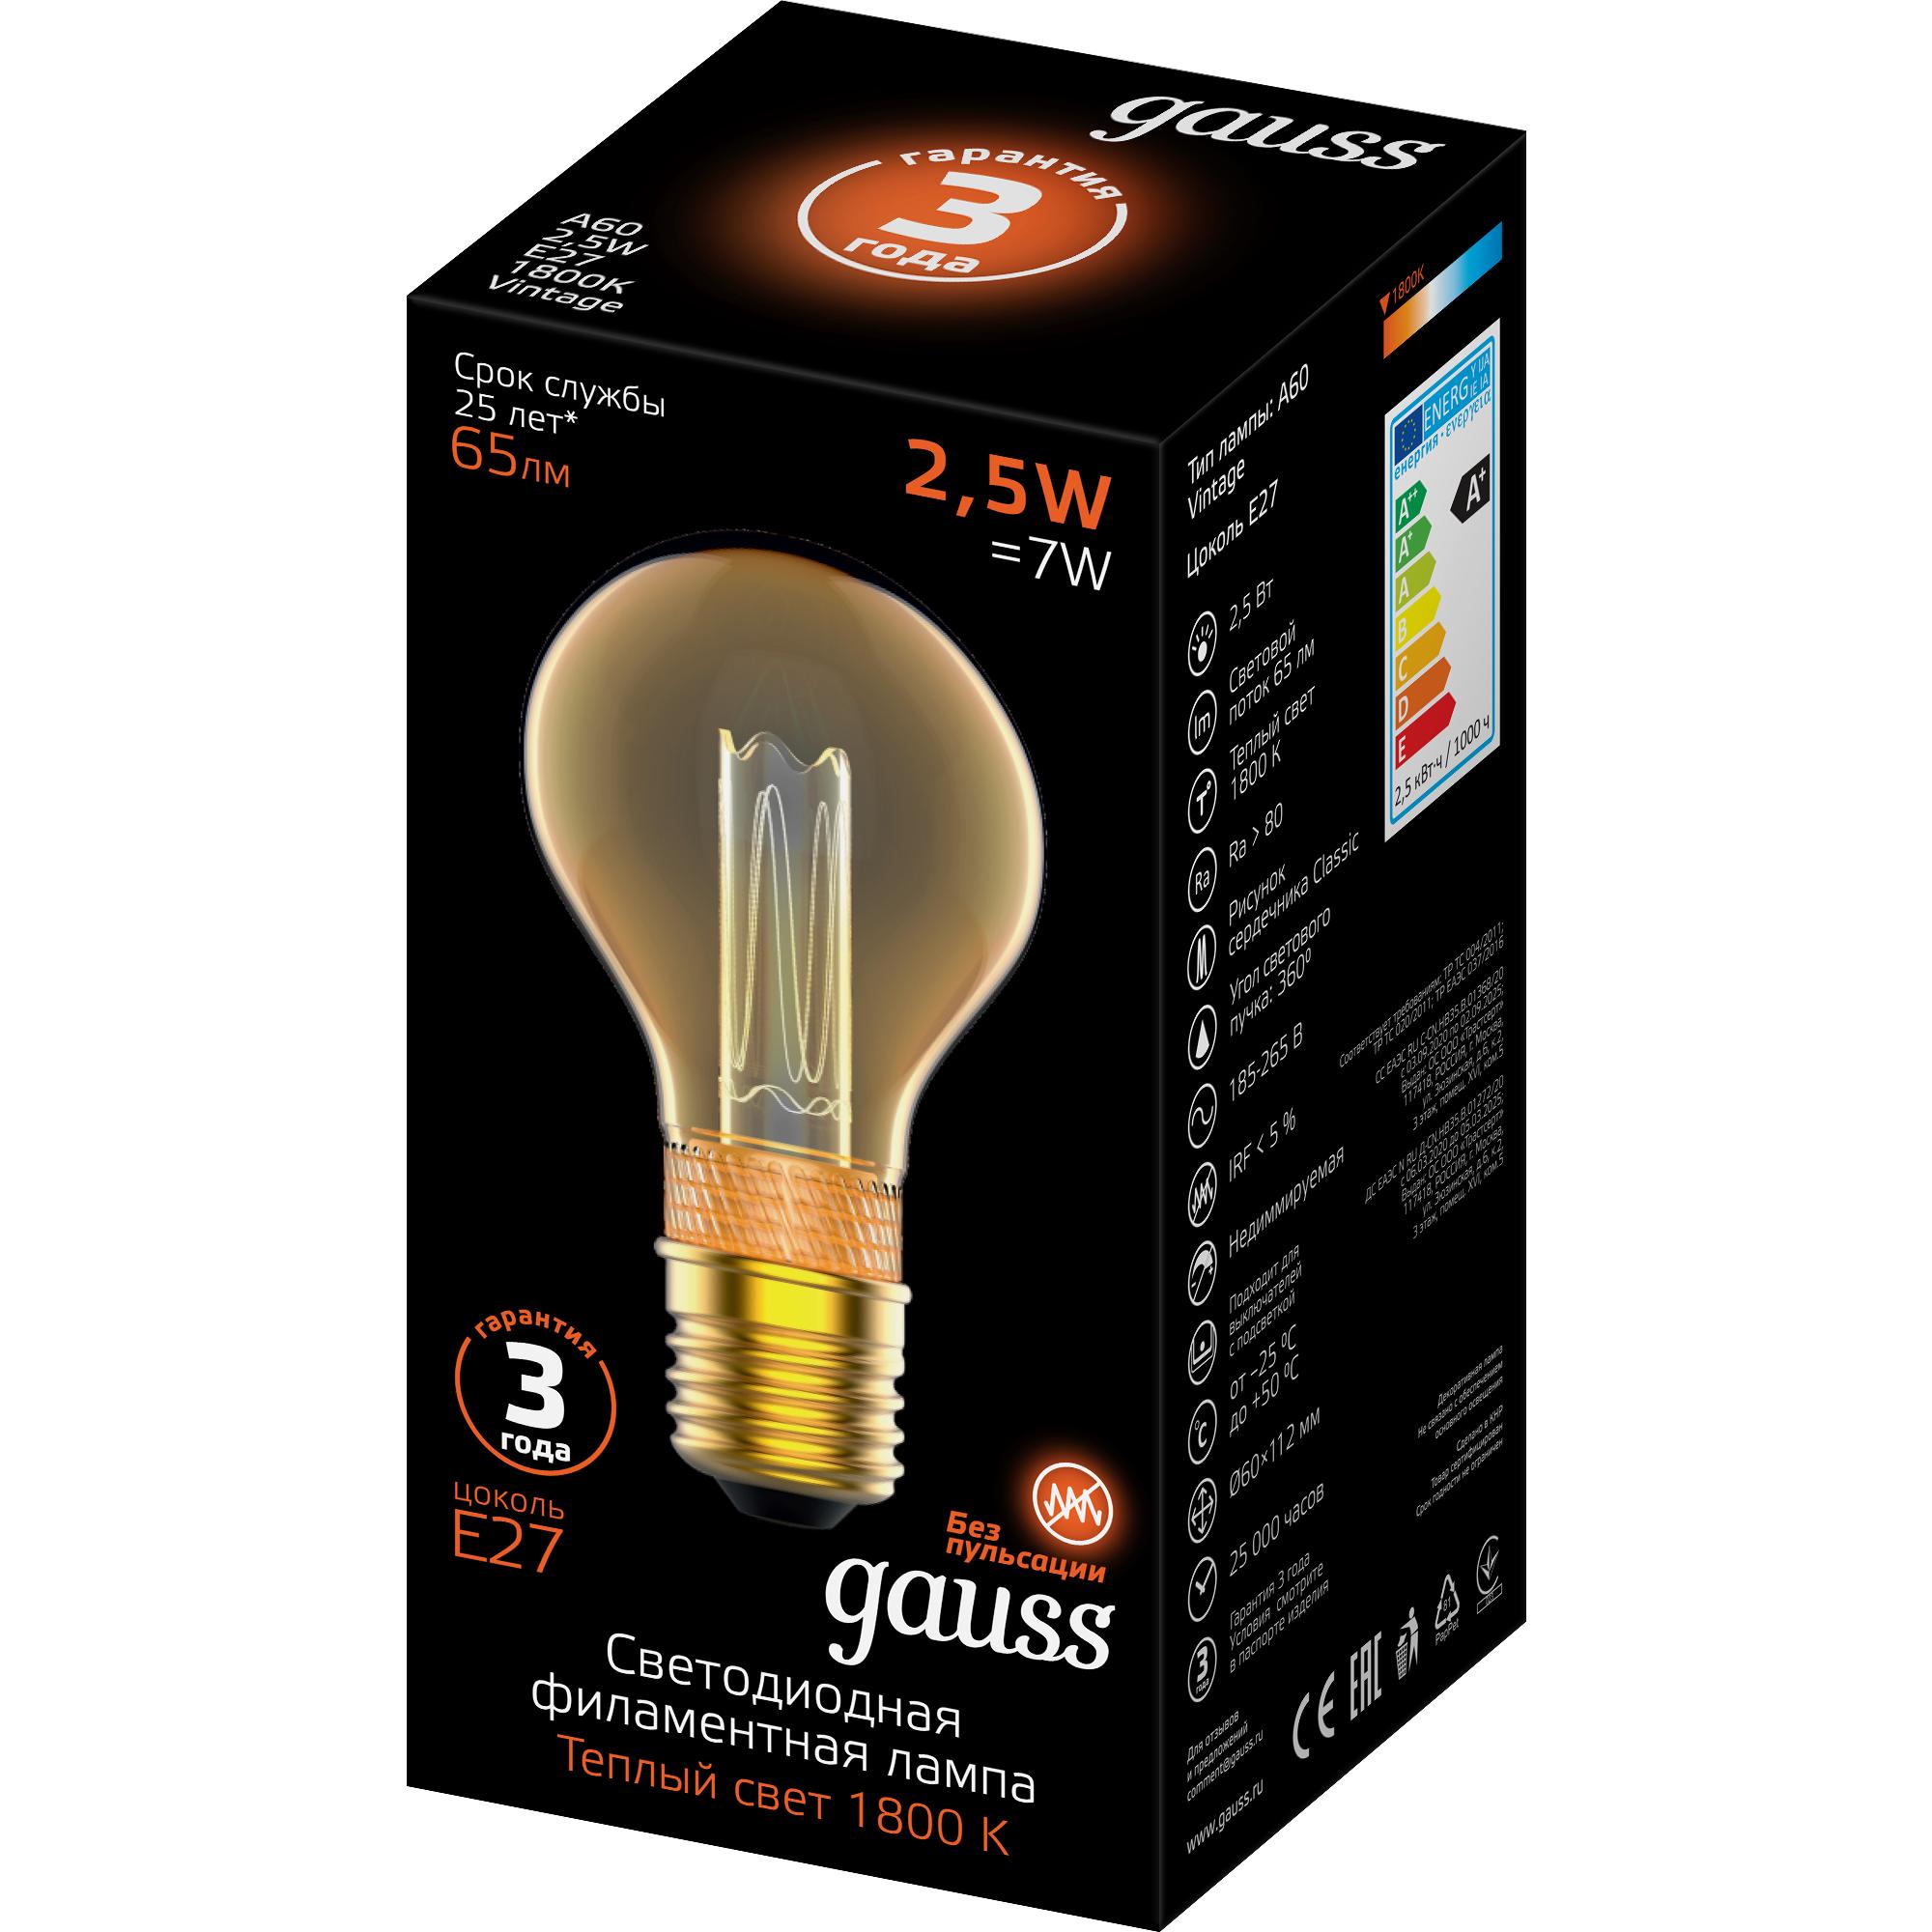 Лампа светодиодная филаментная Gauss Vintage E27 230 В 2.5 Вт груша 70 лм свет янтарный